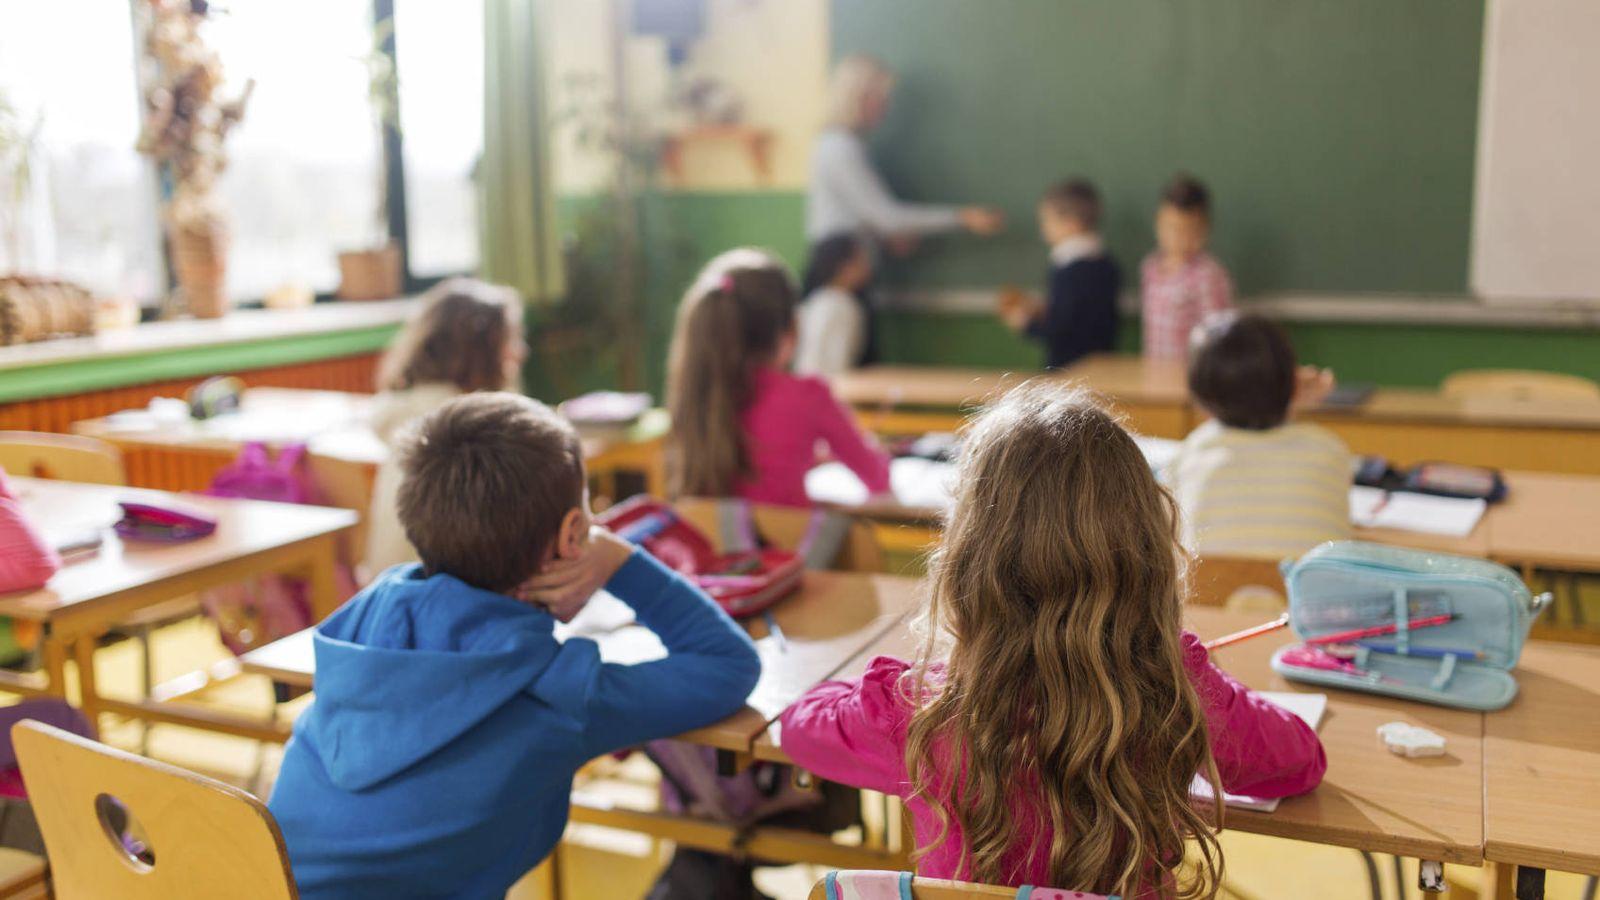 Foto: La igualdad de los ciudadanos debe ser uno de los principios fundamentales del sistema educativo. (iStock)